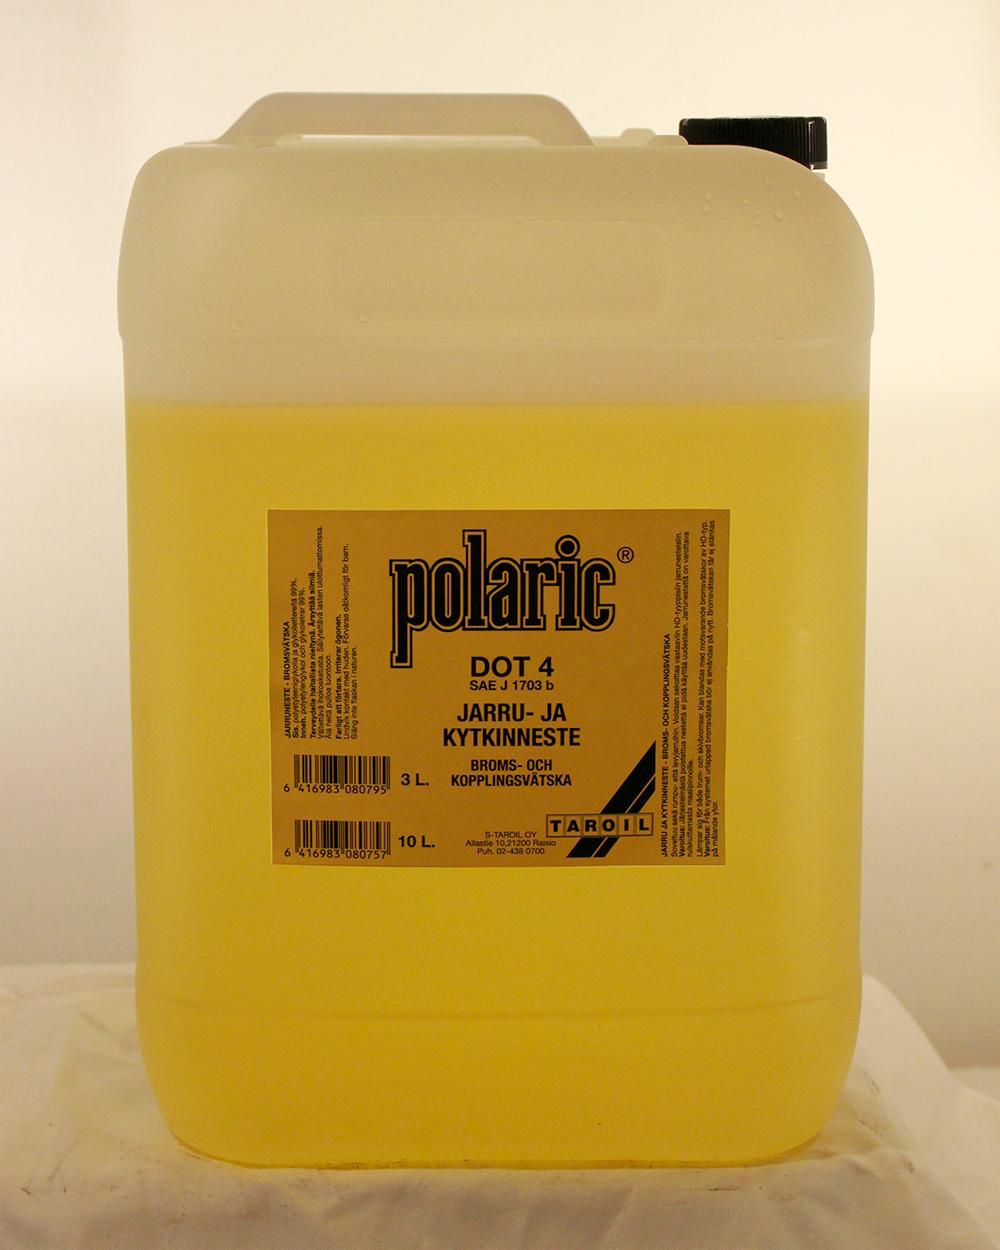 Polaric Jarru- ja kytkinneste 10 L